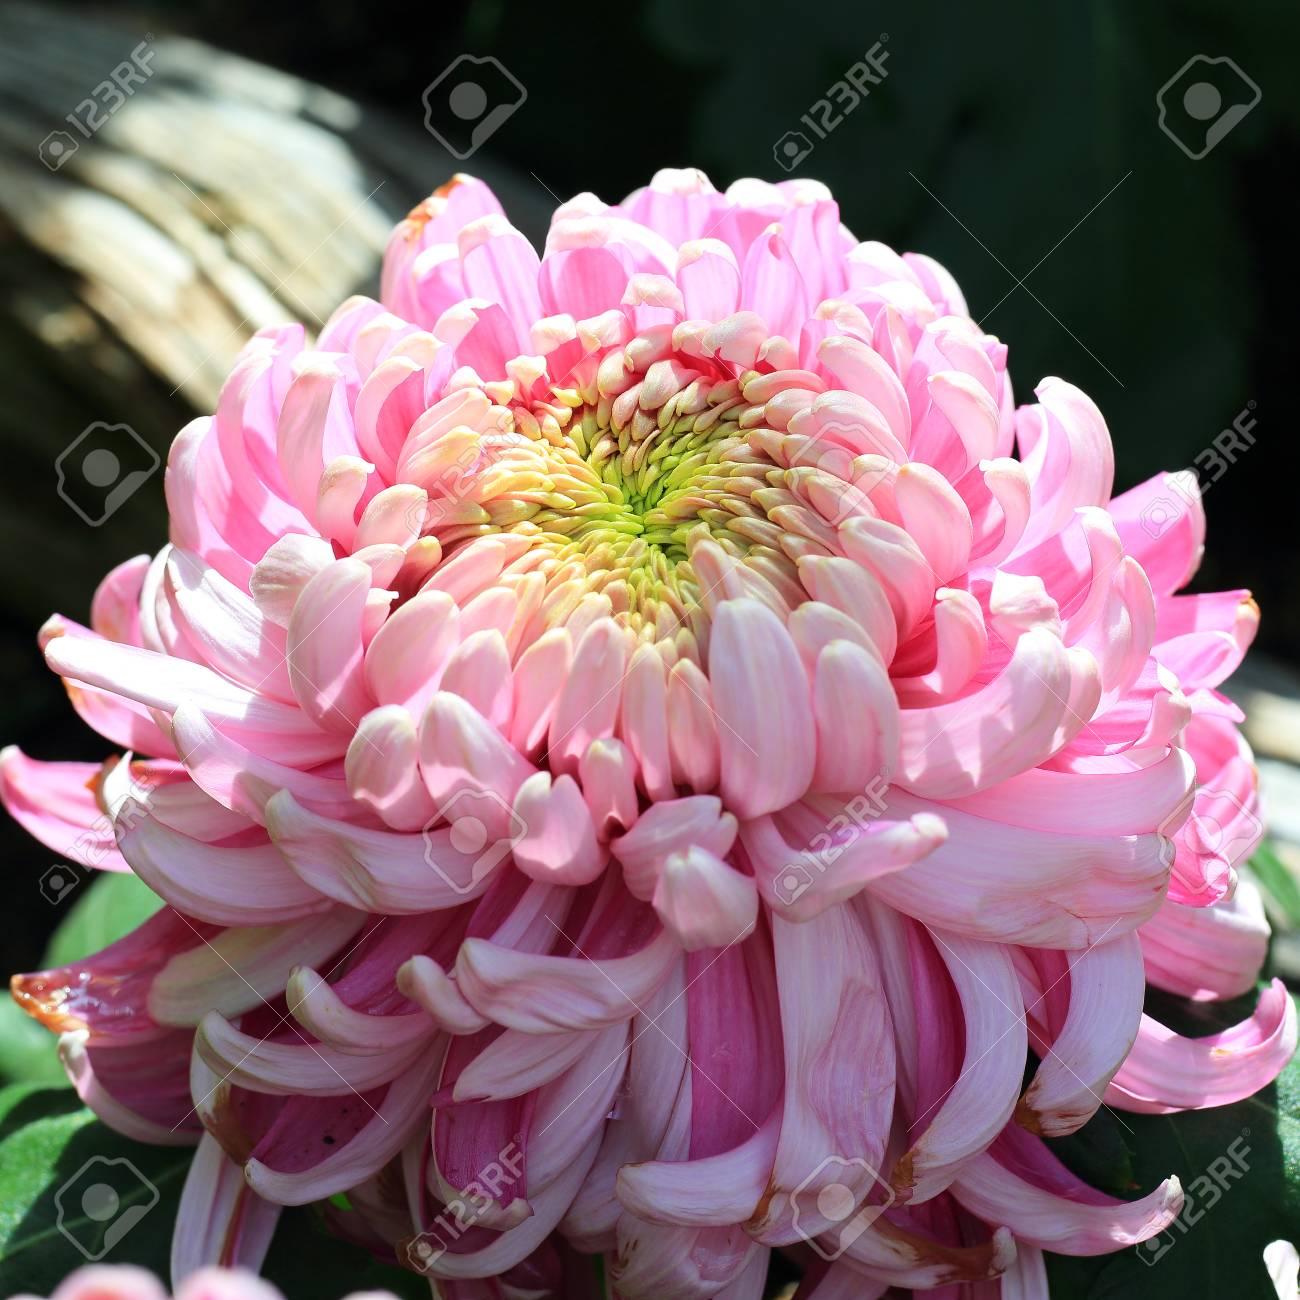 Schone Herbst Chrysantheme Im Garten Lizenzfreie Fotos Bilder Und